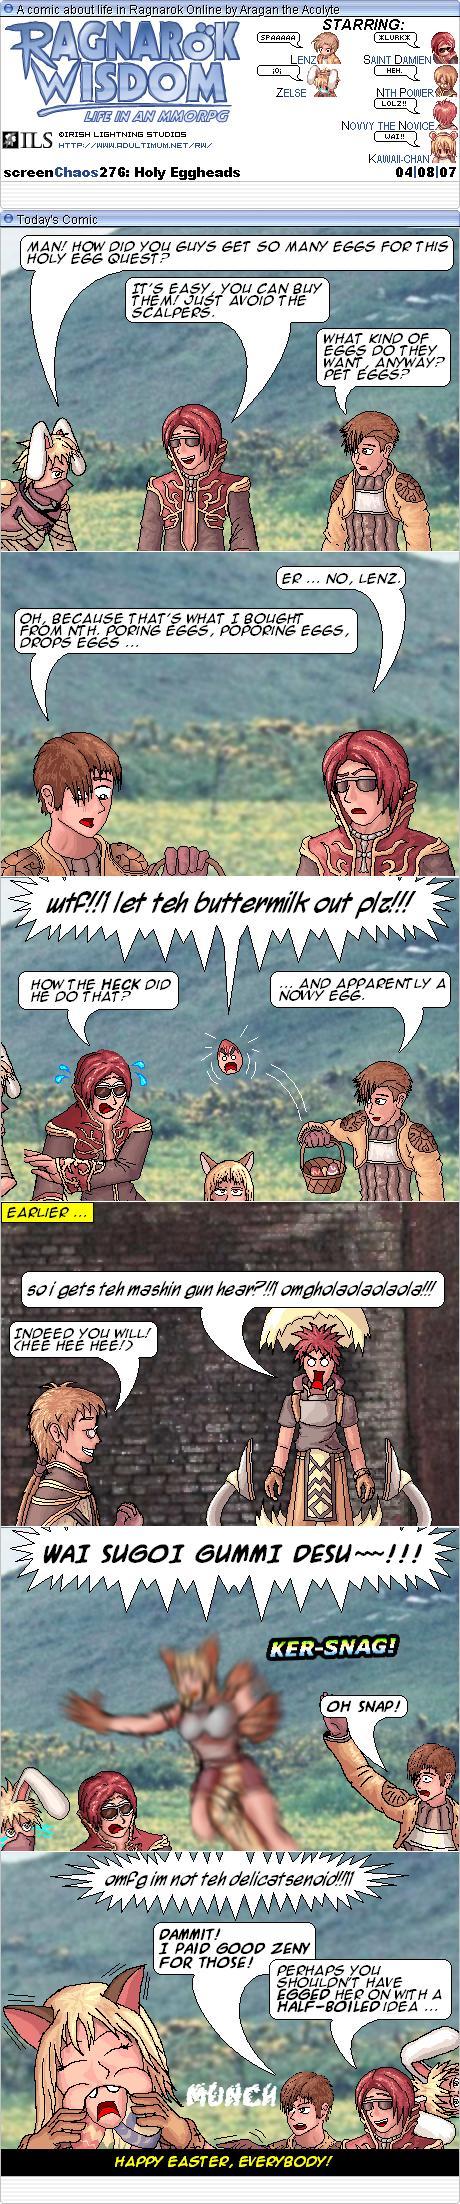 Comic #298